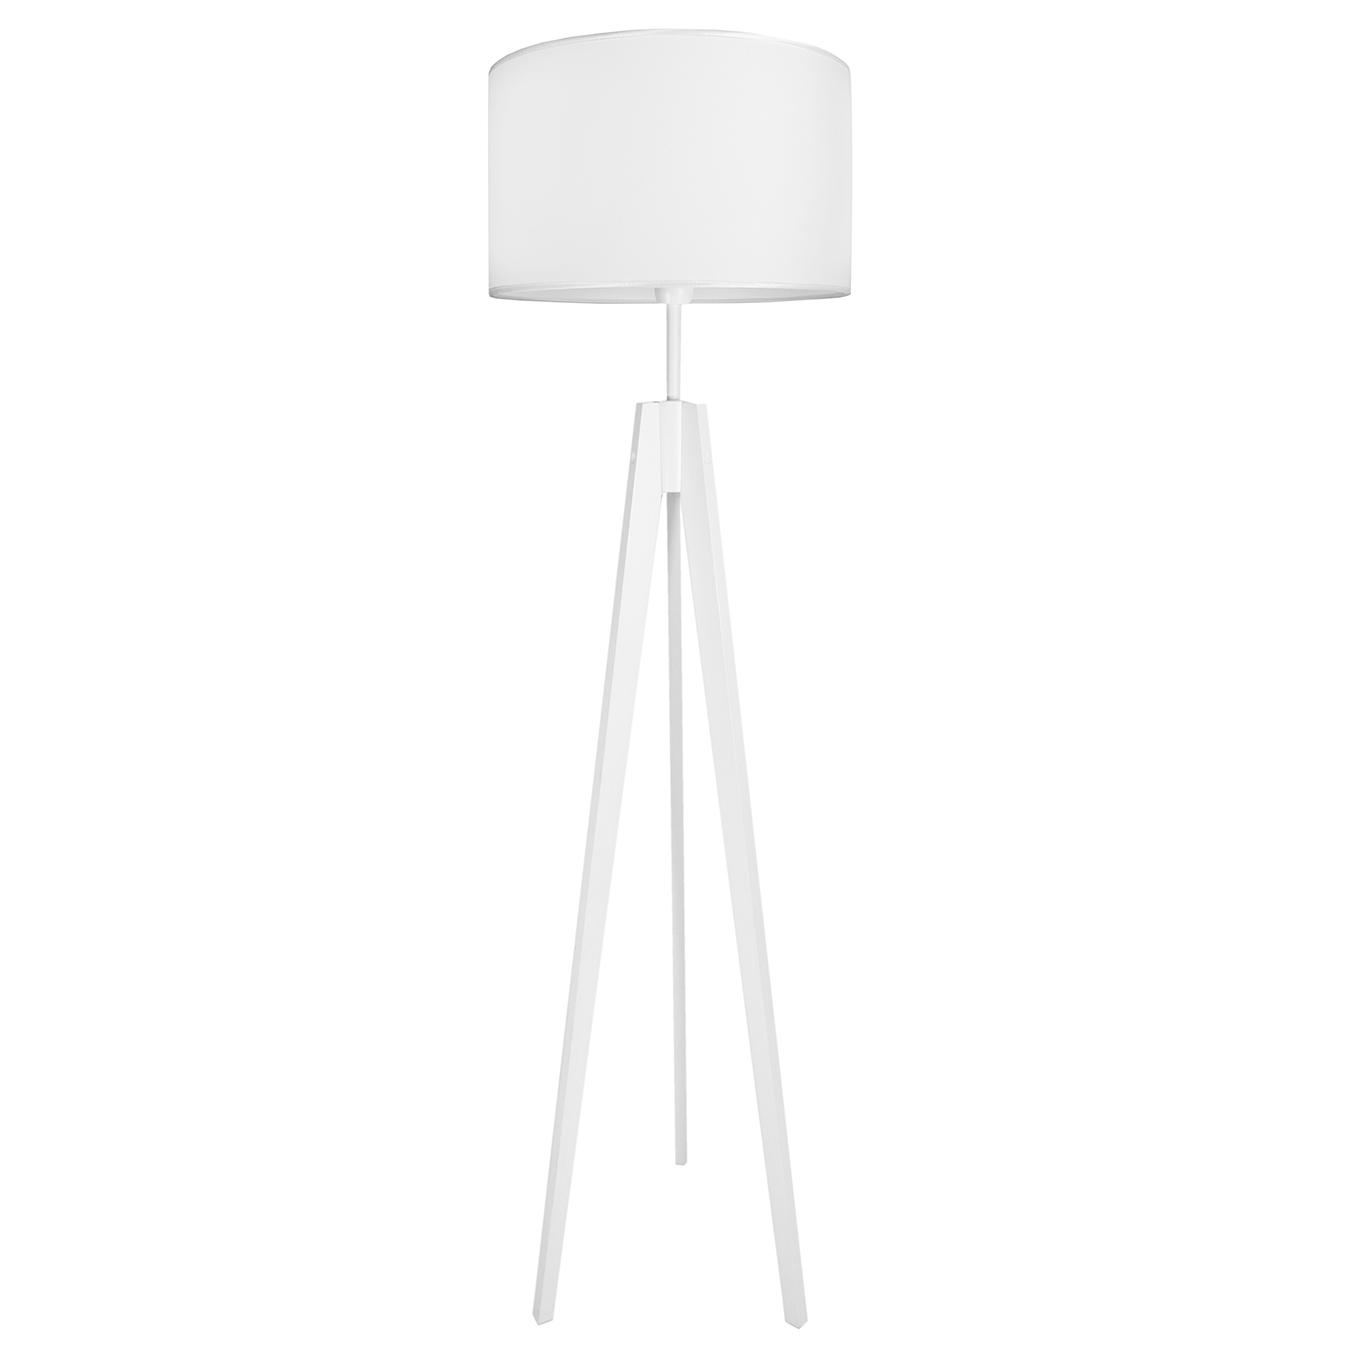 youngDECO lampa podłogowa trójnóg porcelanowa biel